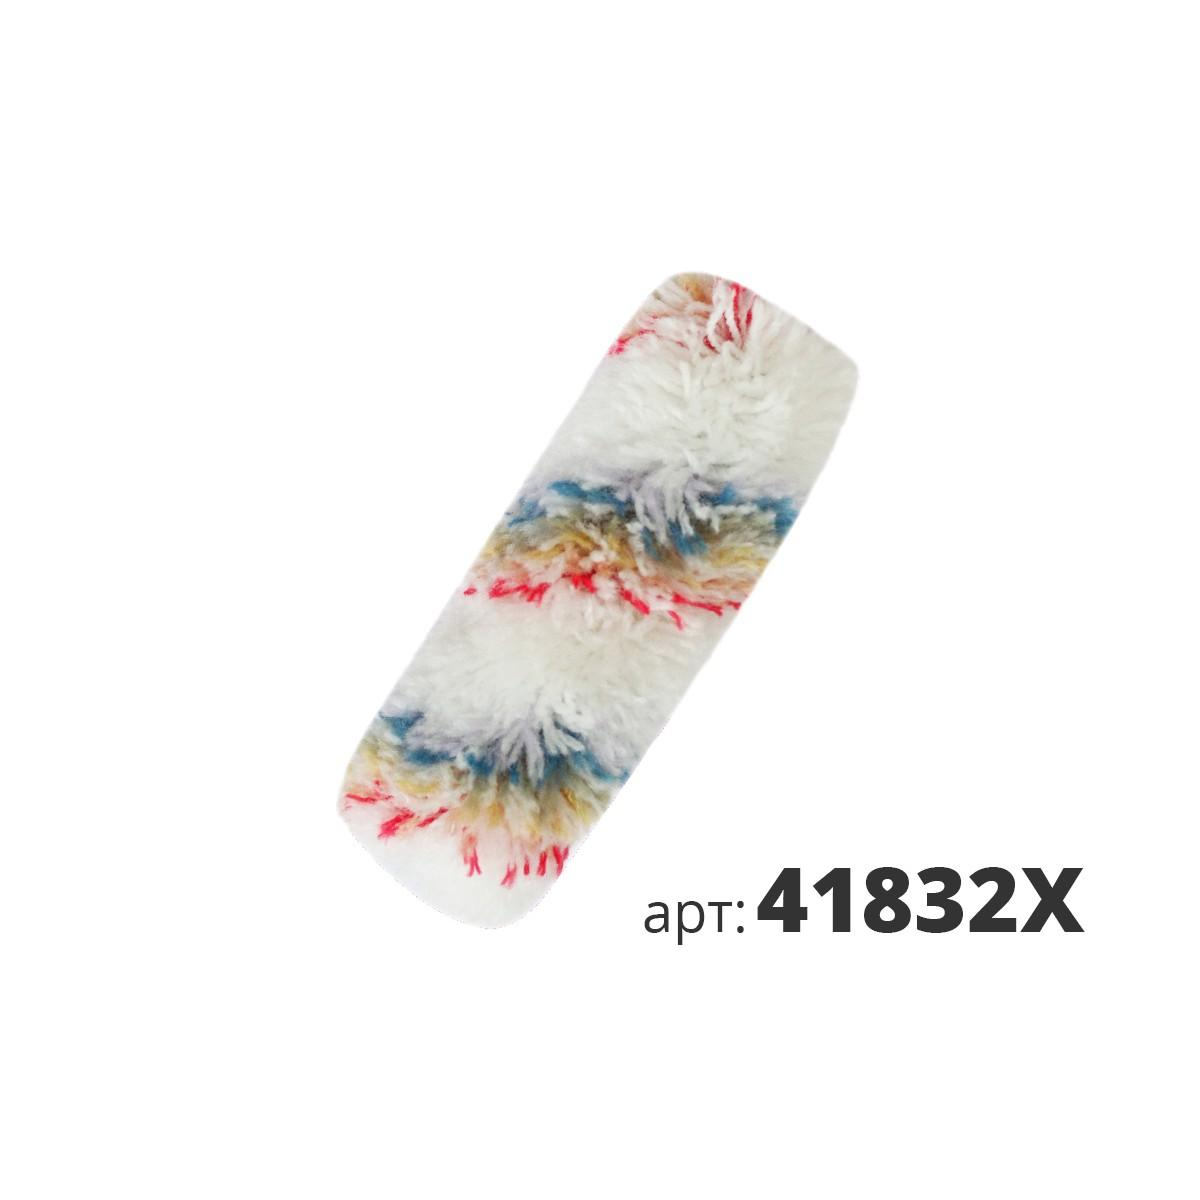 Мини-валик полиакрил тканый 3-х цветный 41832X